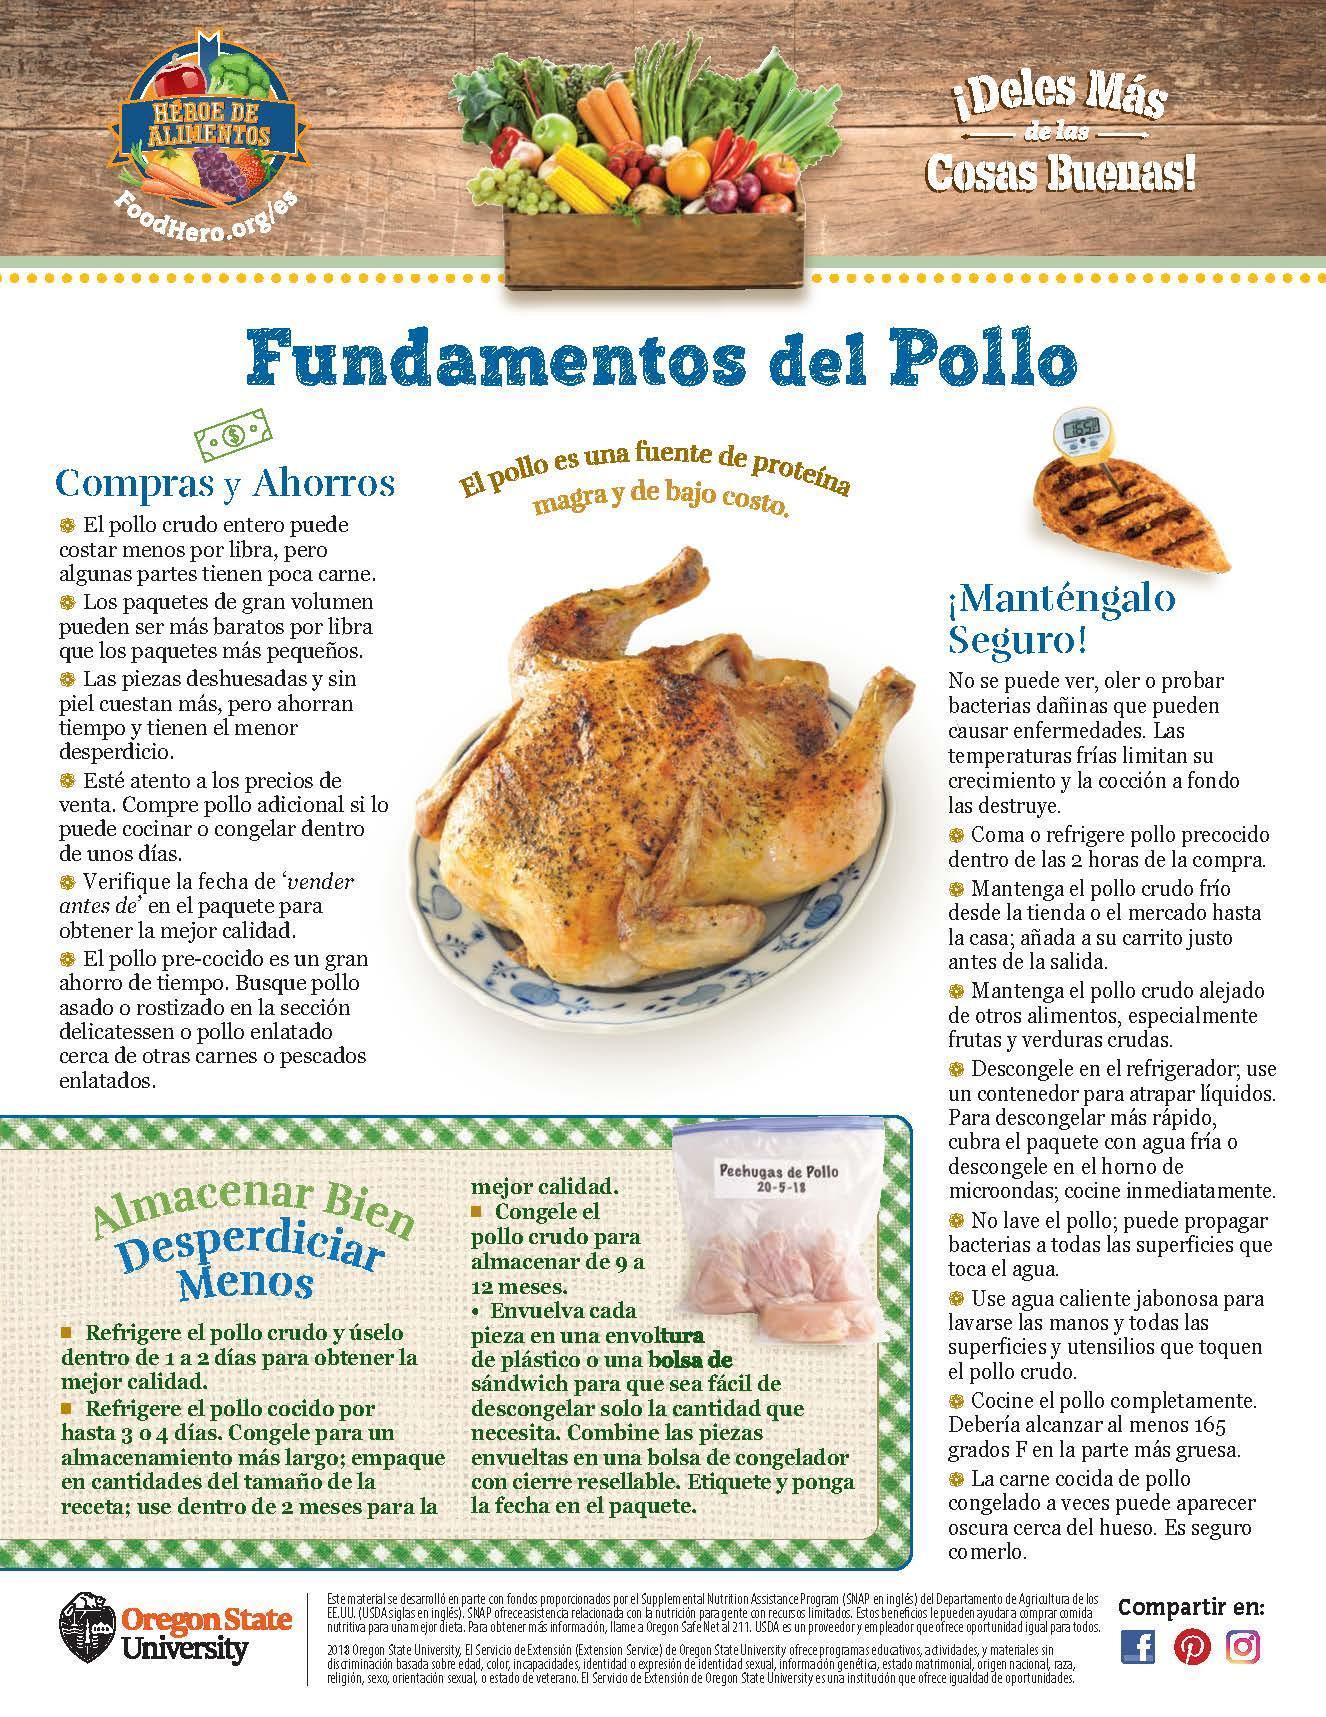 Pollo - Compras y Ahorros